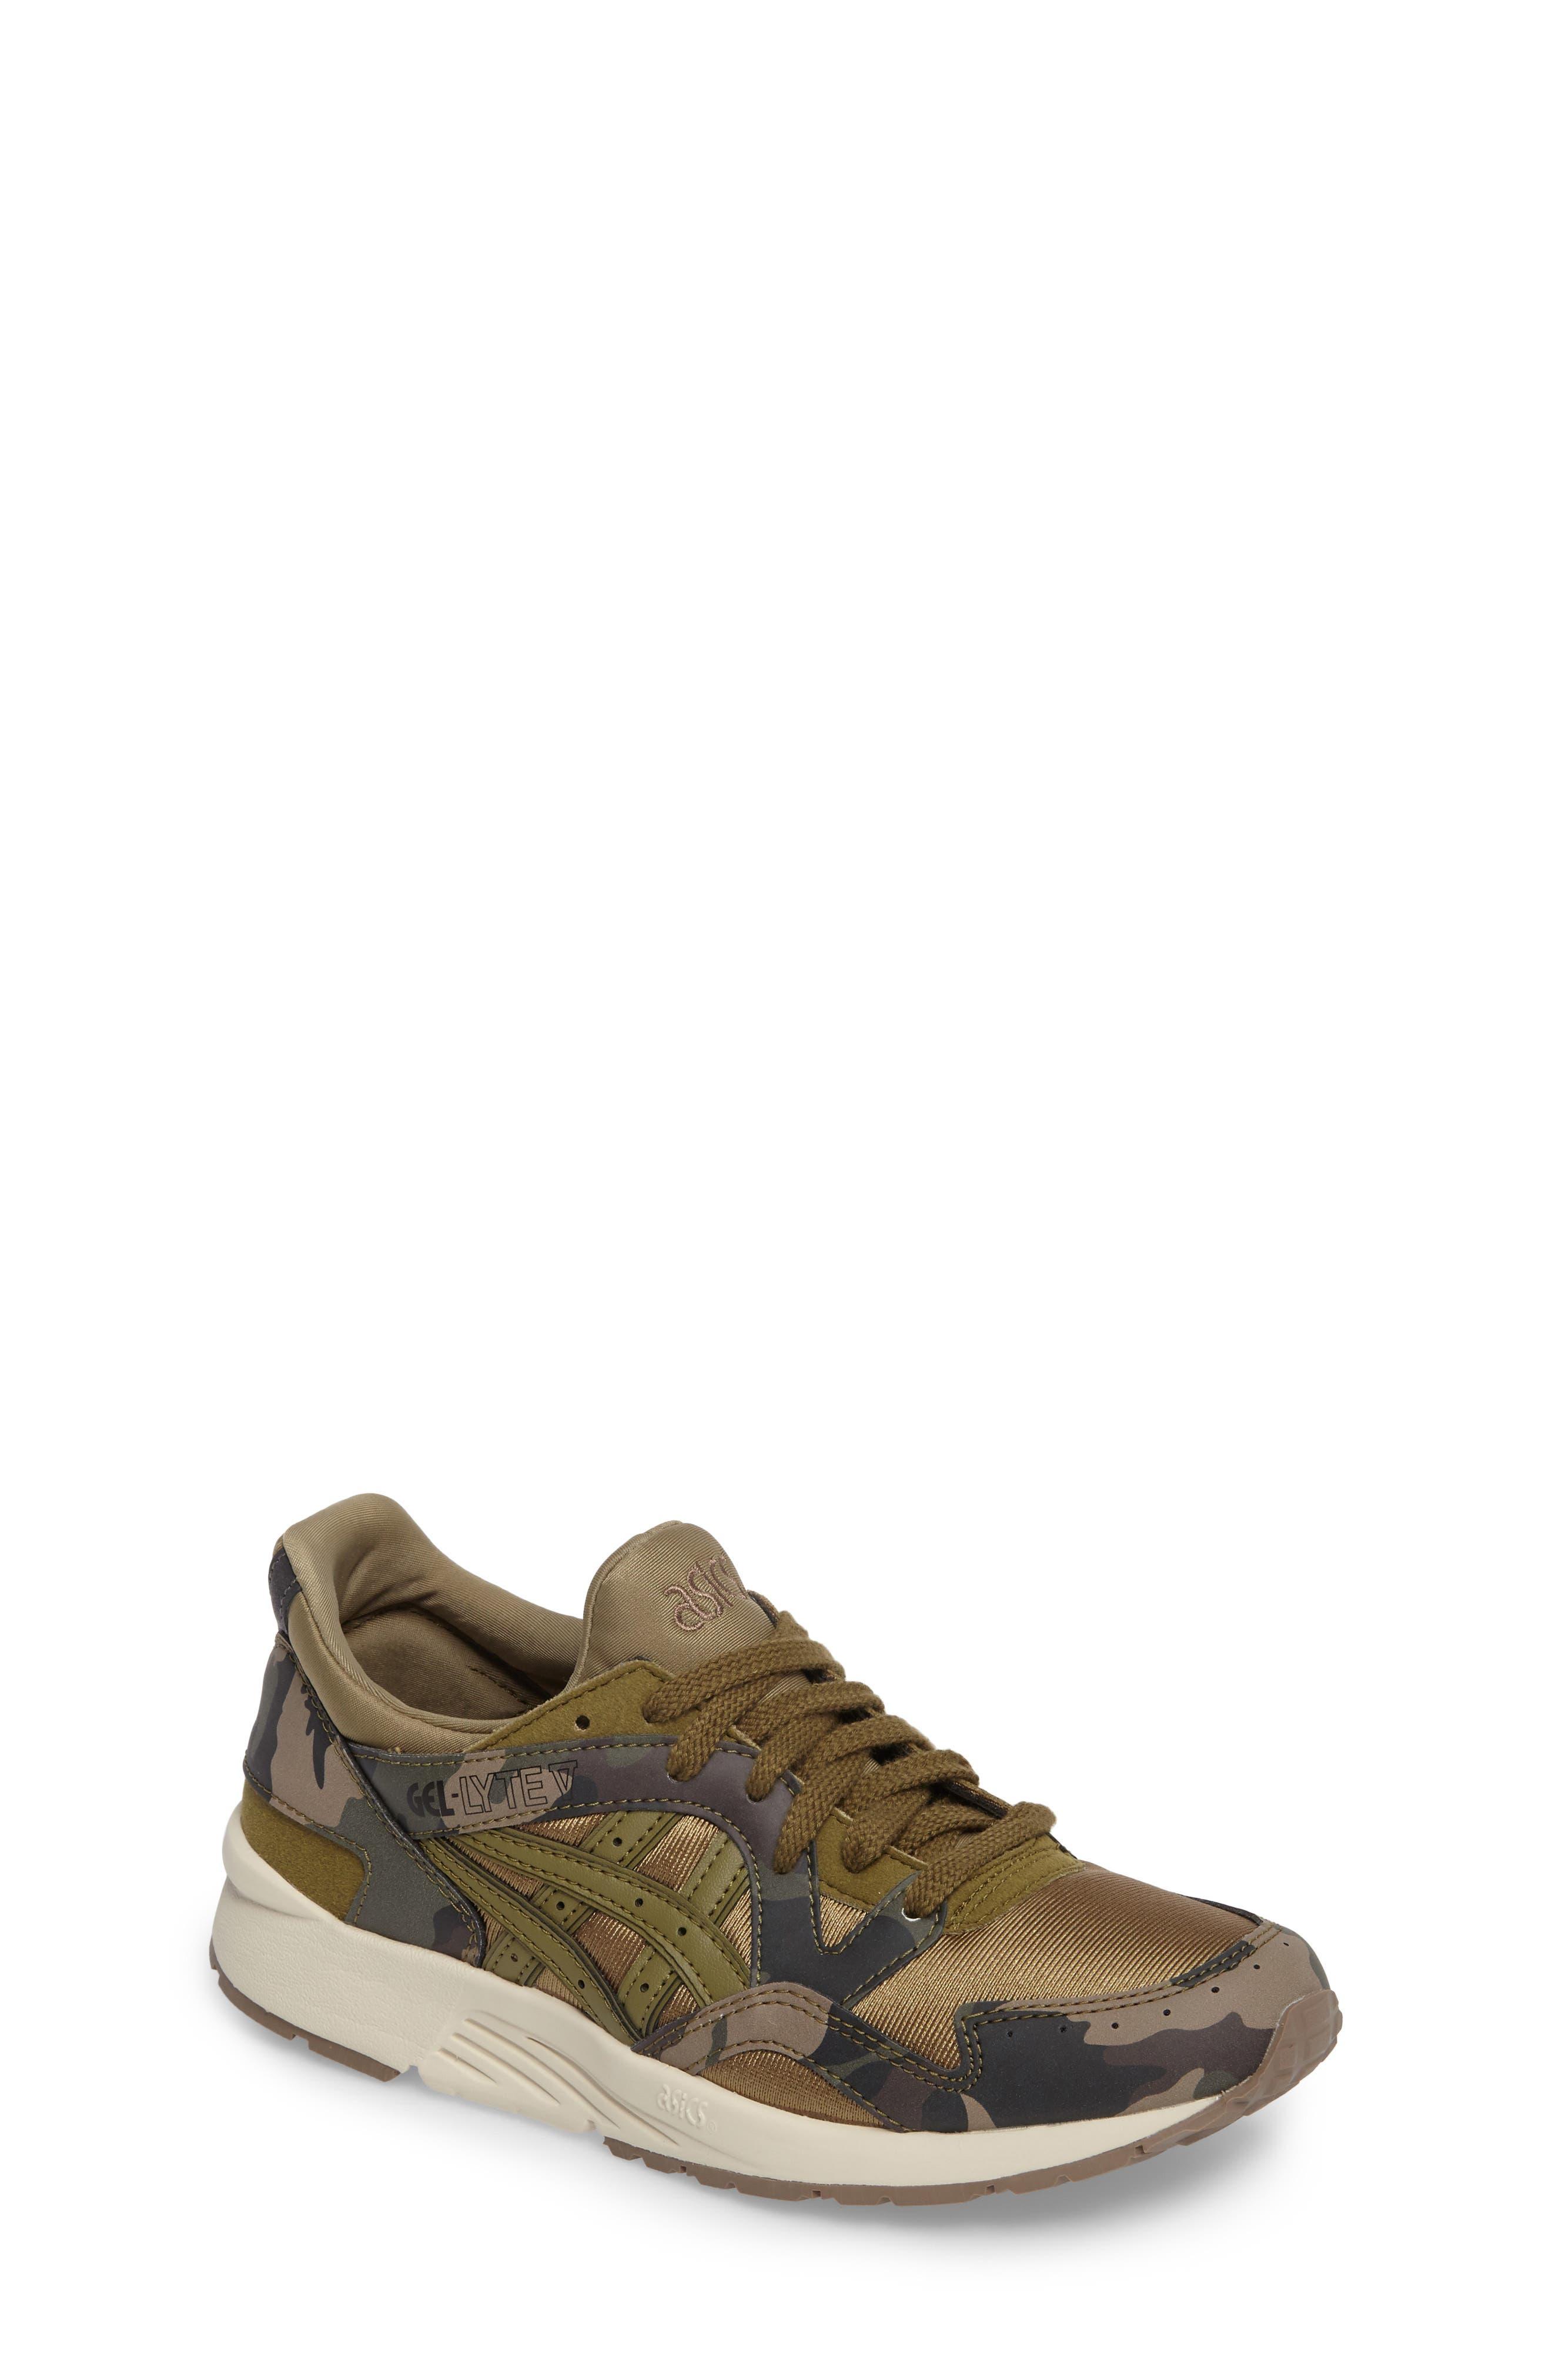 Main Image - ASICS® GEL-LYTE® V GS Sneaker (Big Kid)